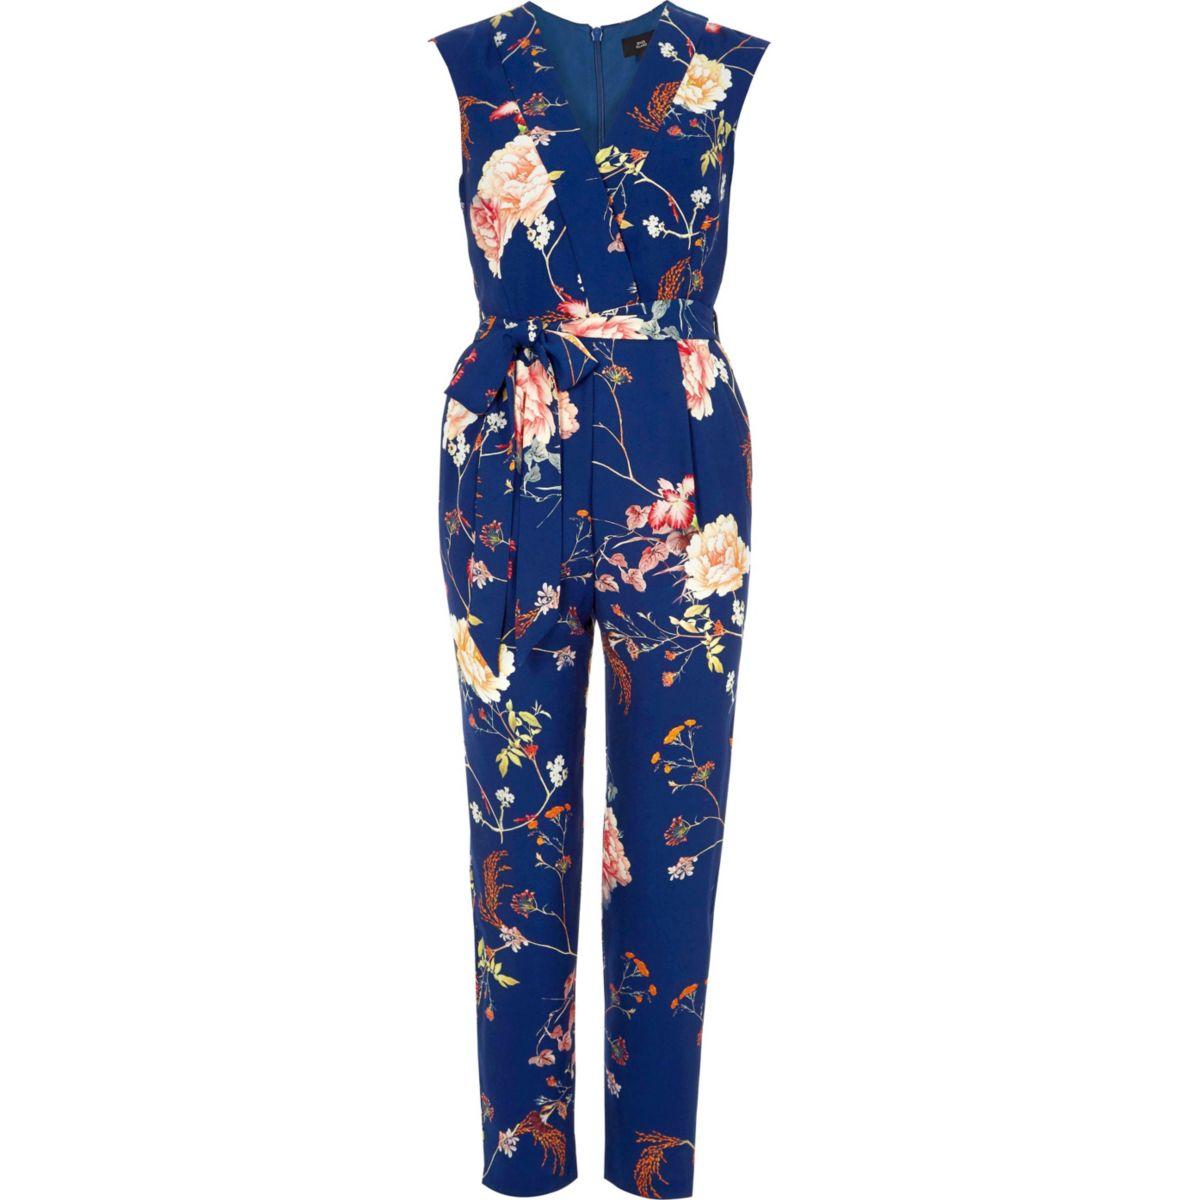 Blue floral print tailored jumpsuit